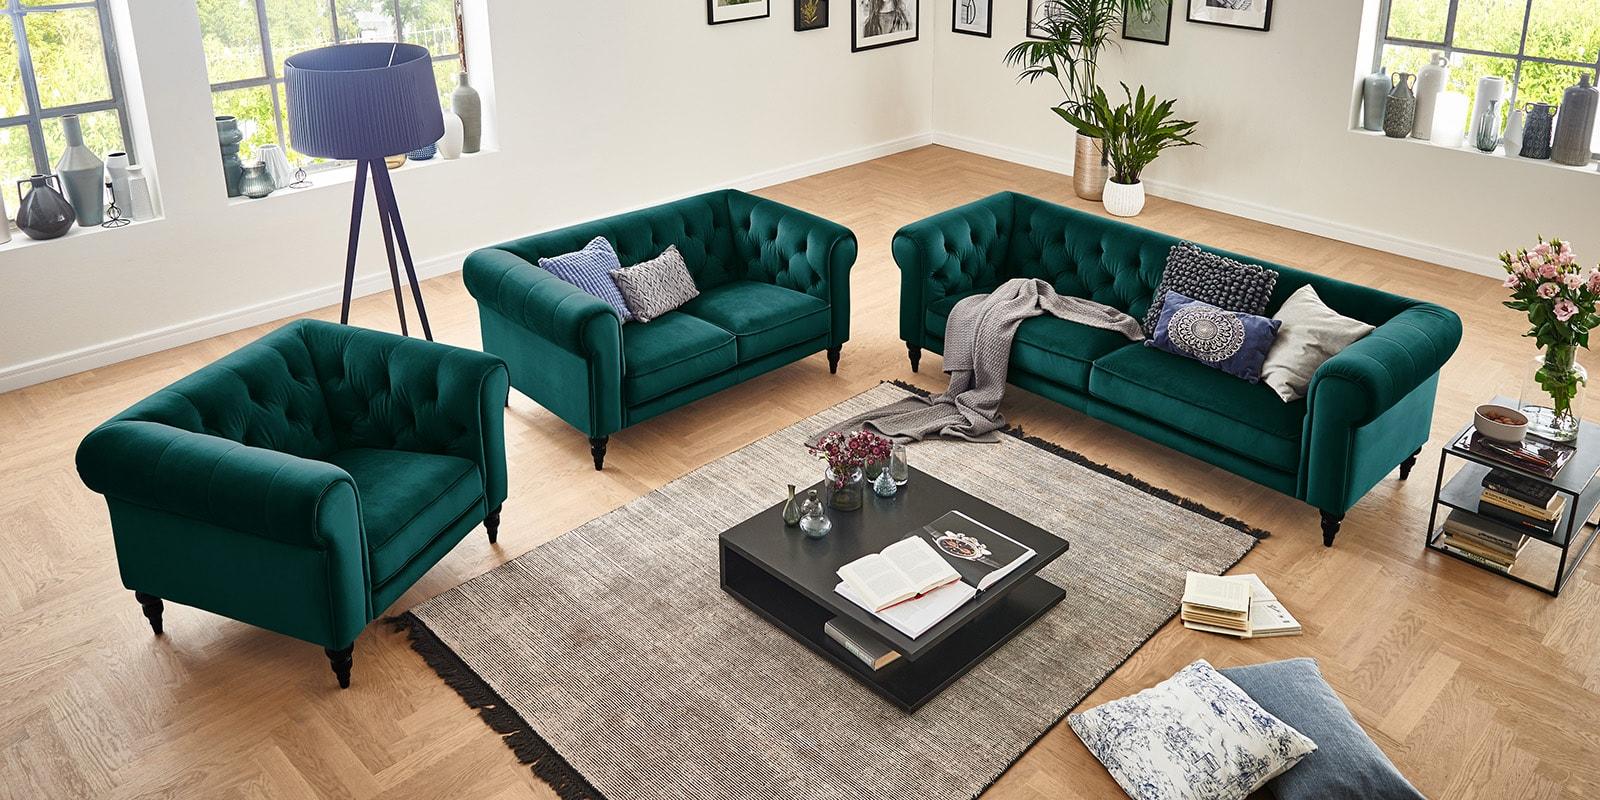 Moebella24 - 3-2-1-Sitzer - Sofa - Hudson - Chesterfield - Samt - Petrol - Dekorative - Nähte - und - Versteppungen